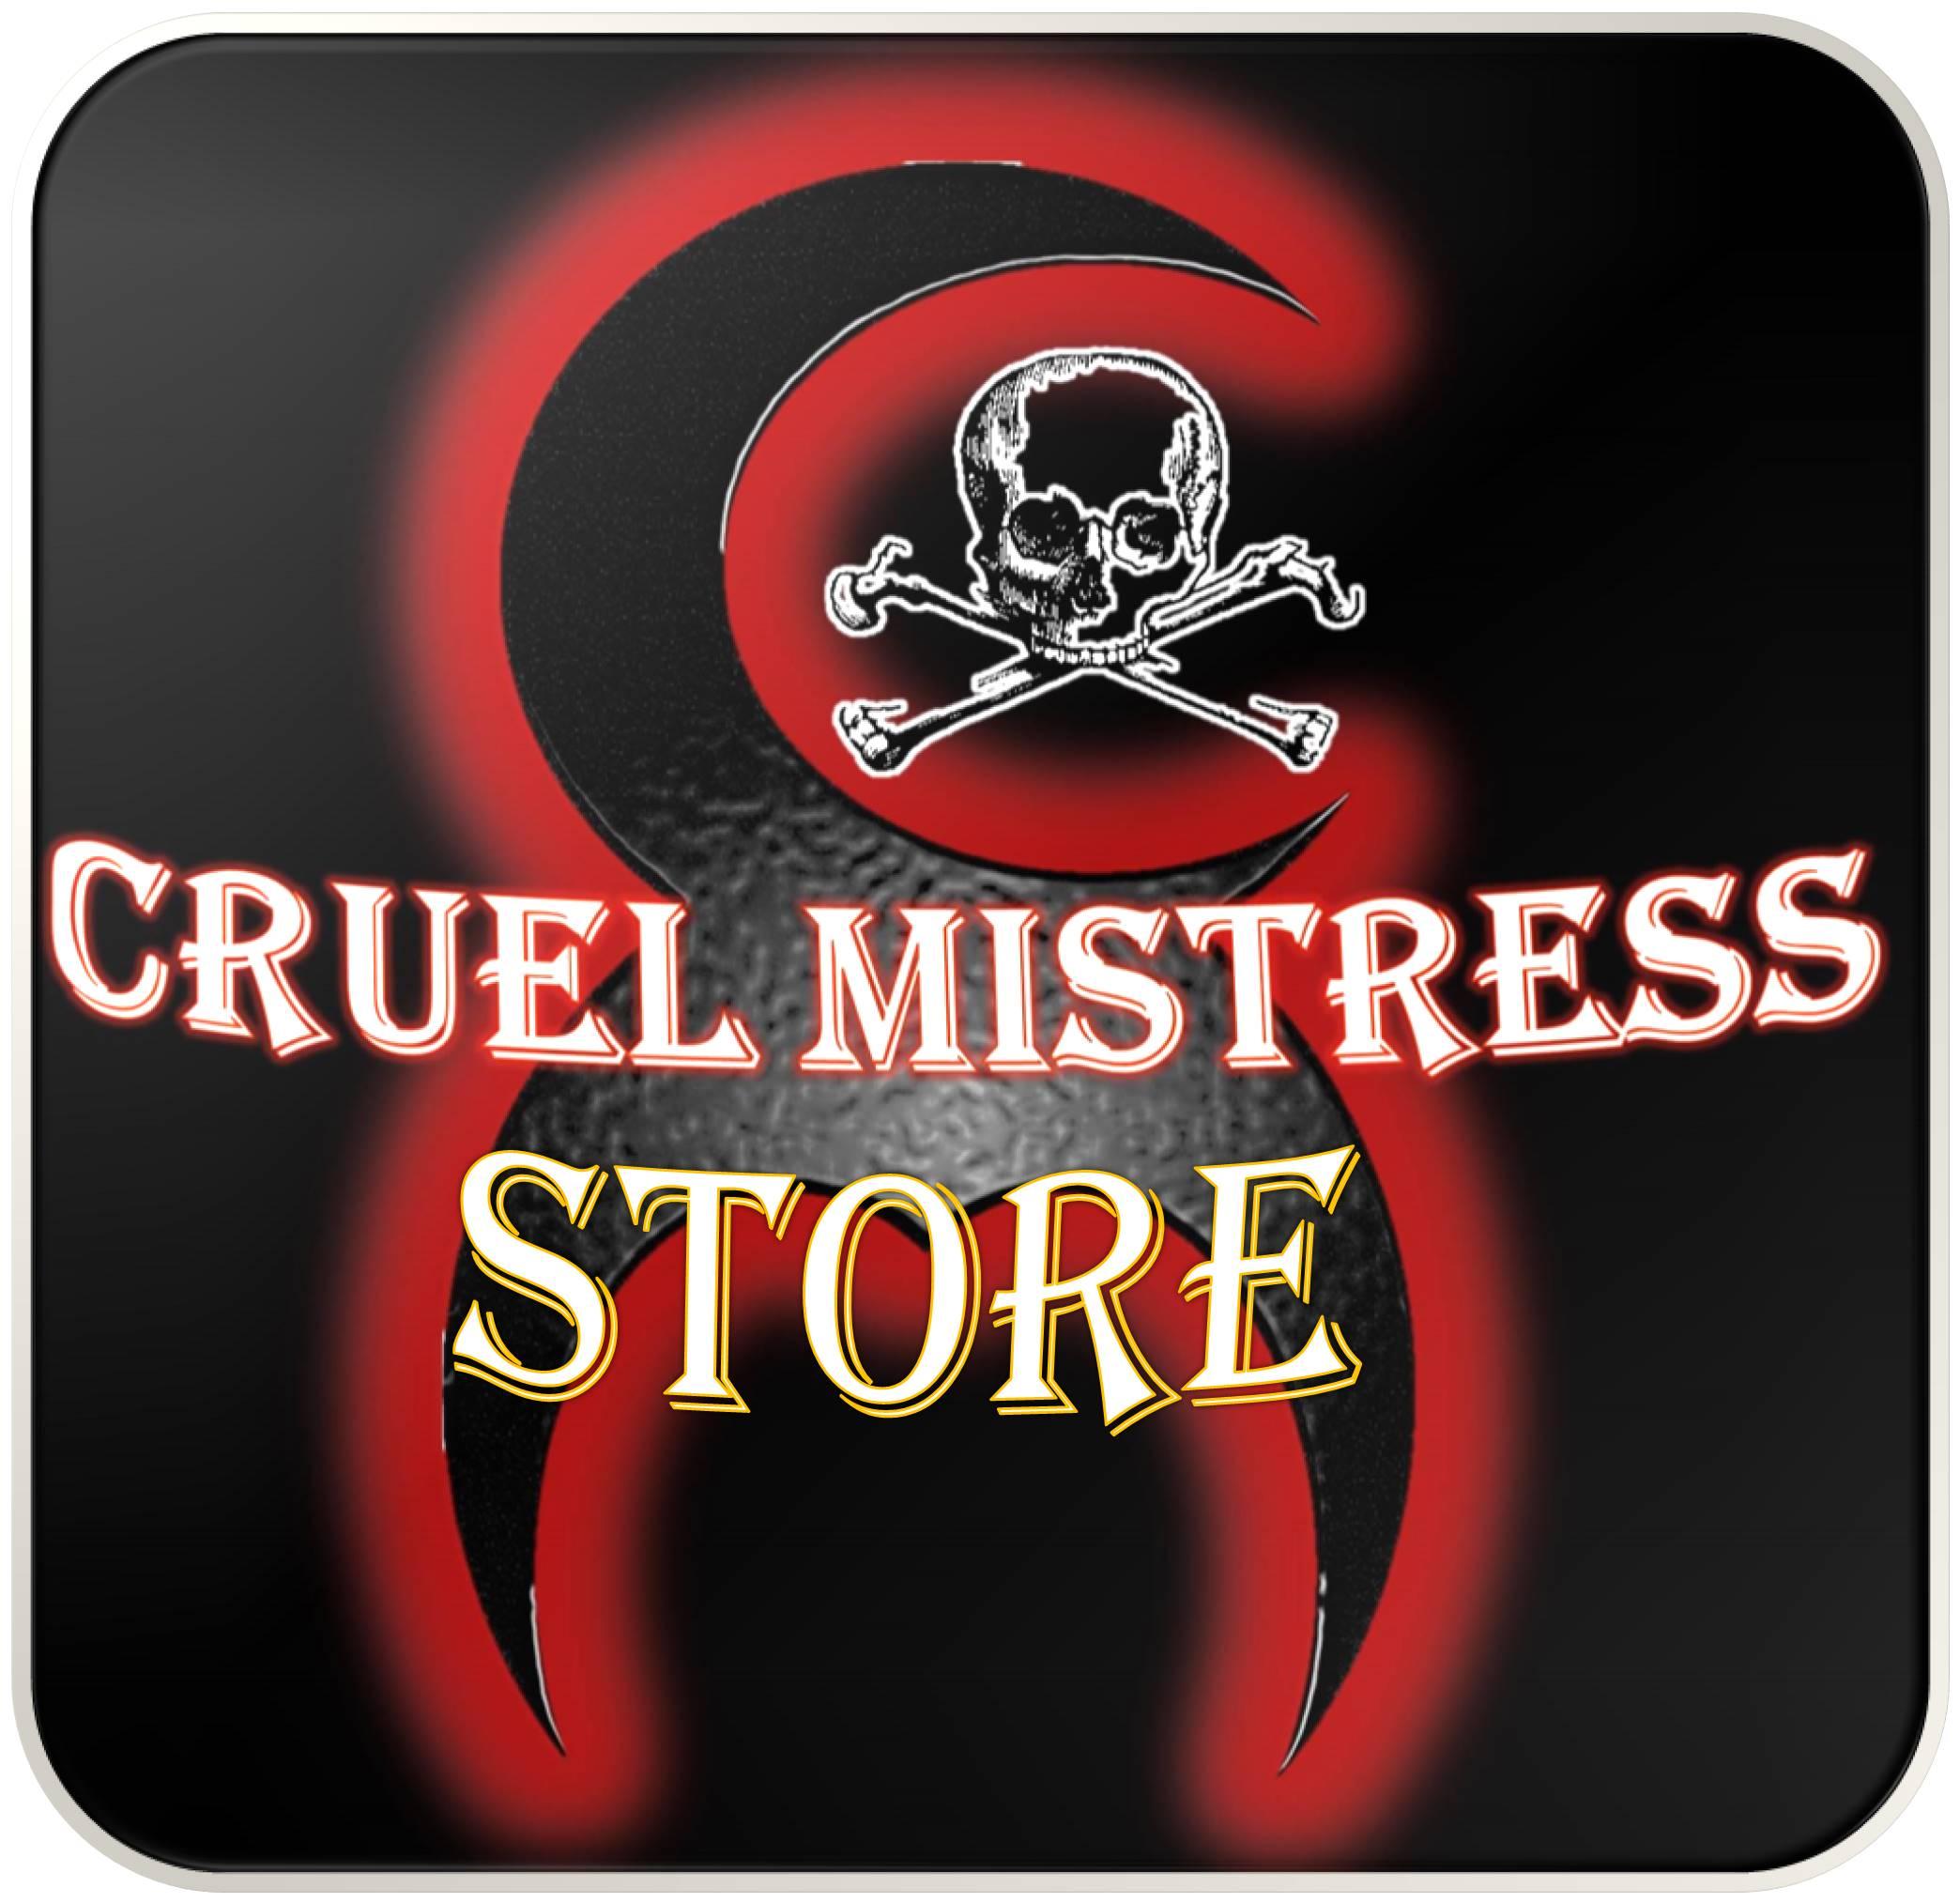 Cruel Mistress Official Merch Store